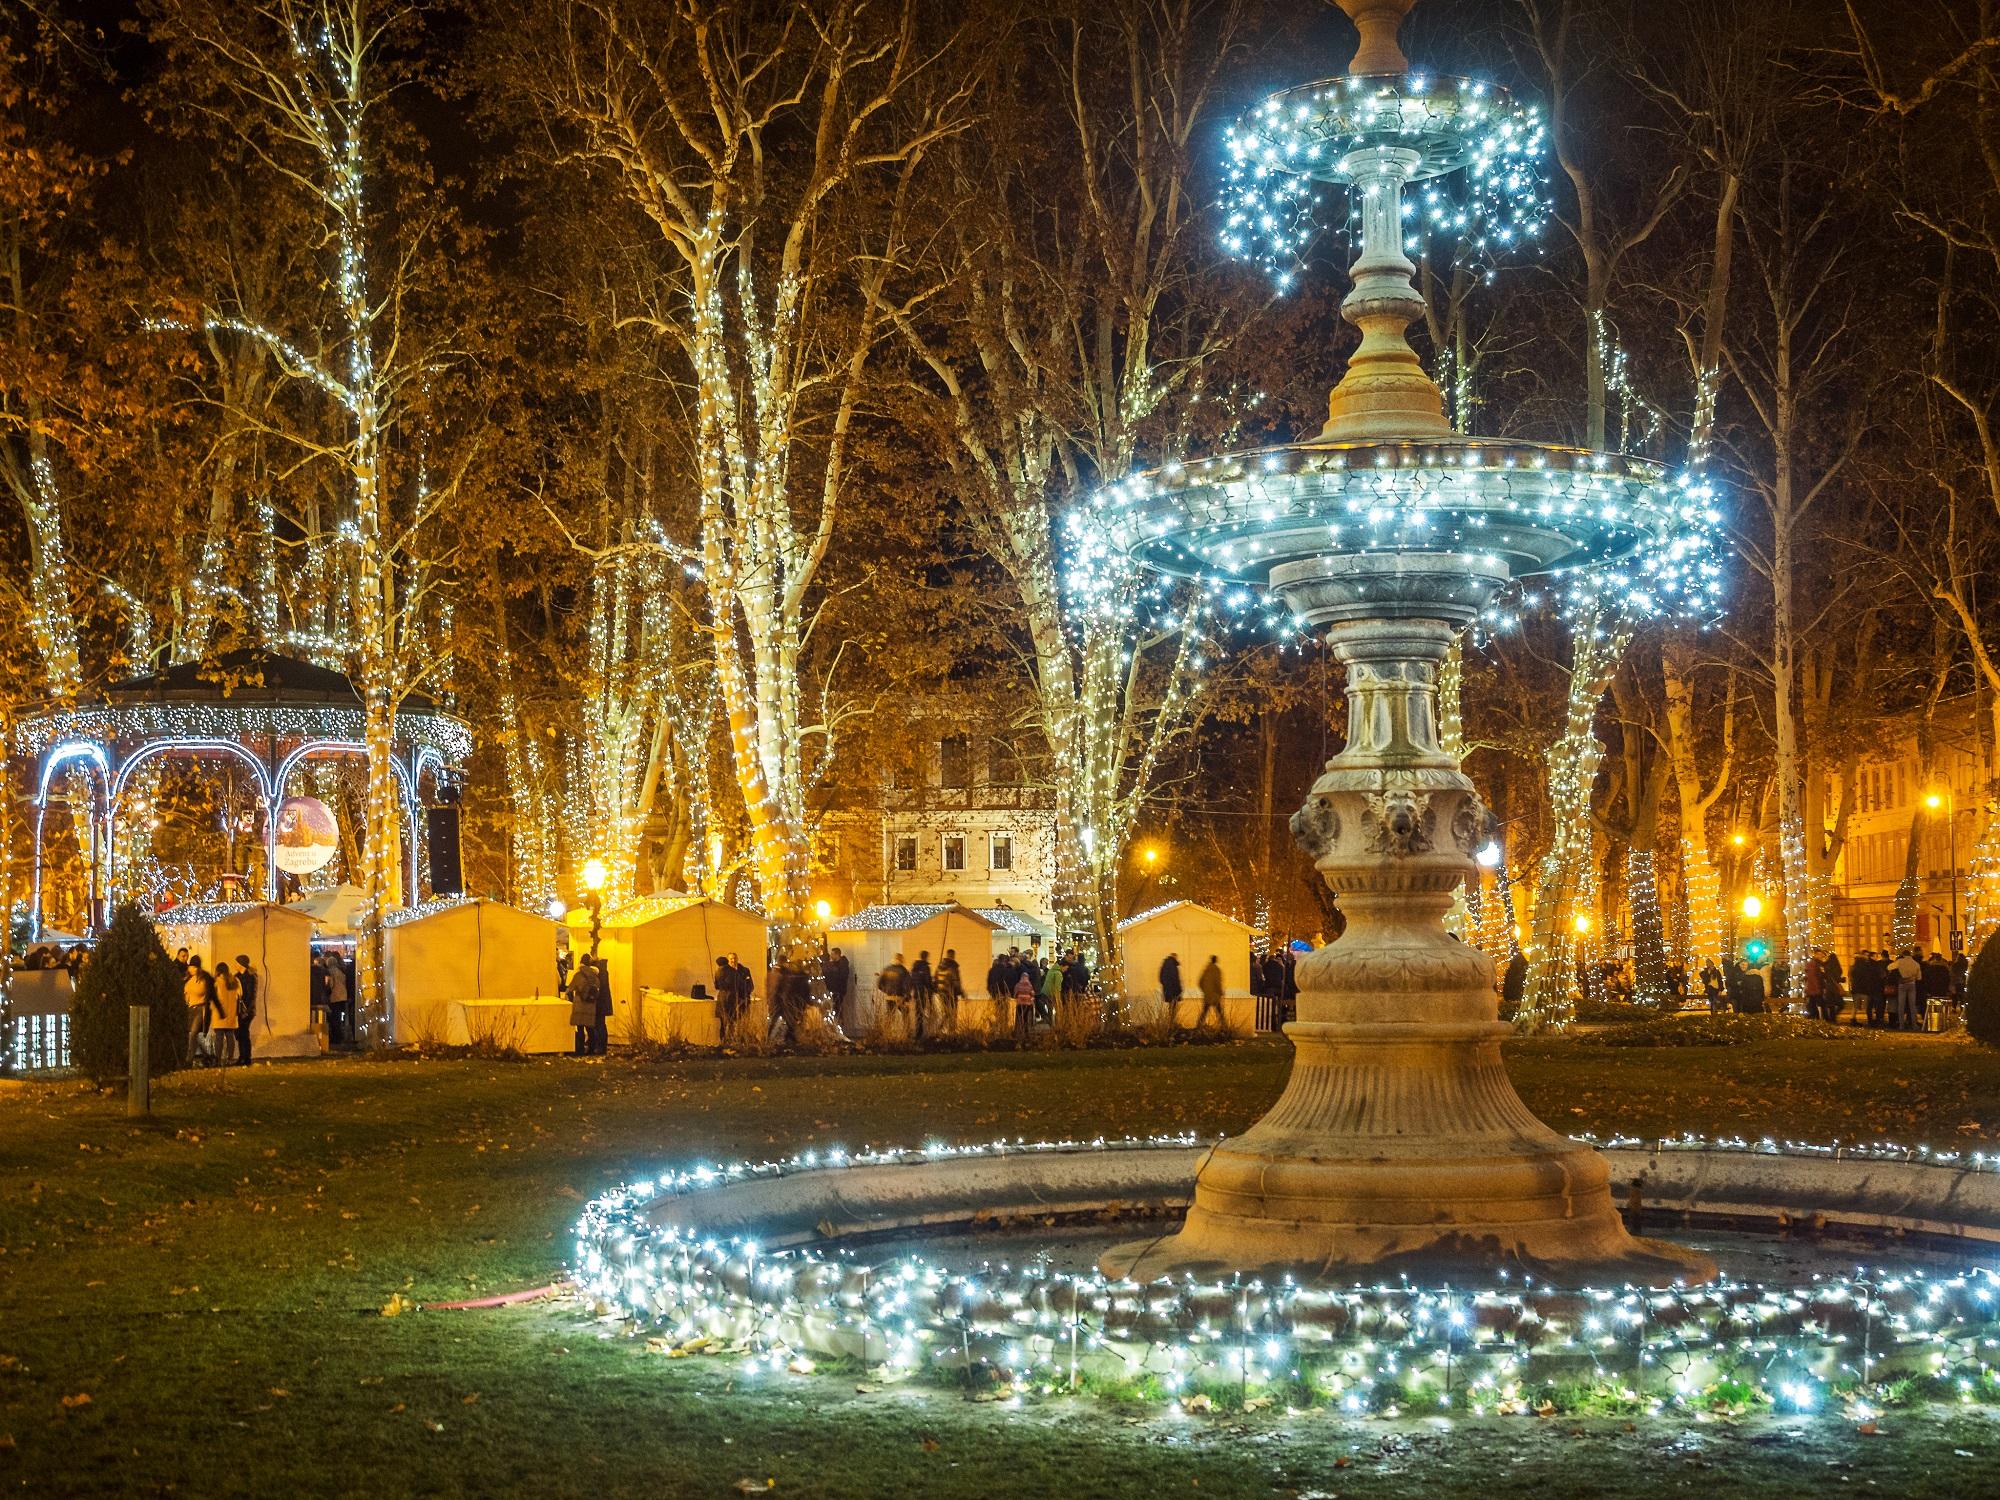 Der Schönste Weihnachtsmarkt.Die Schönsten Christkindlmärkte Europas